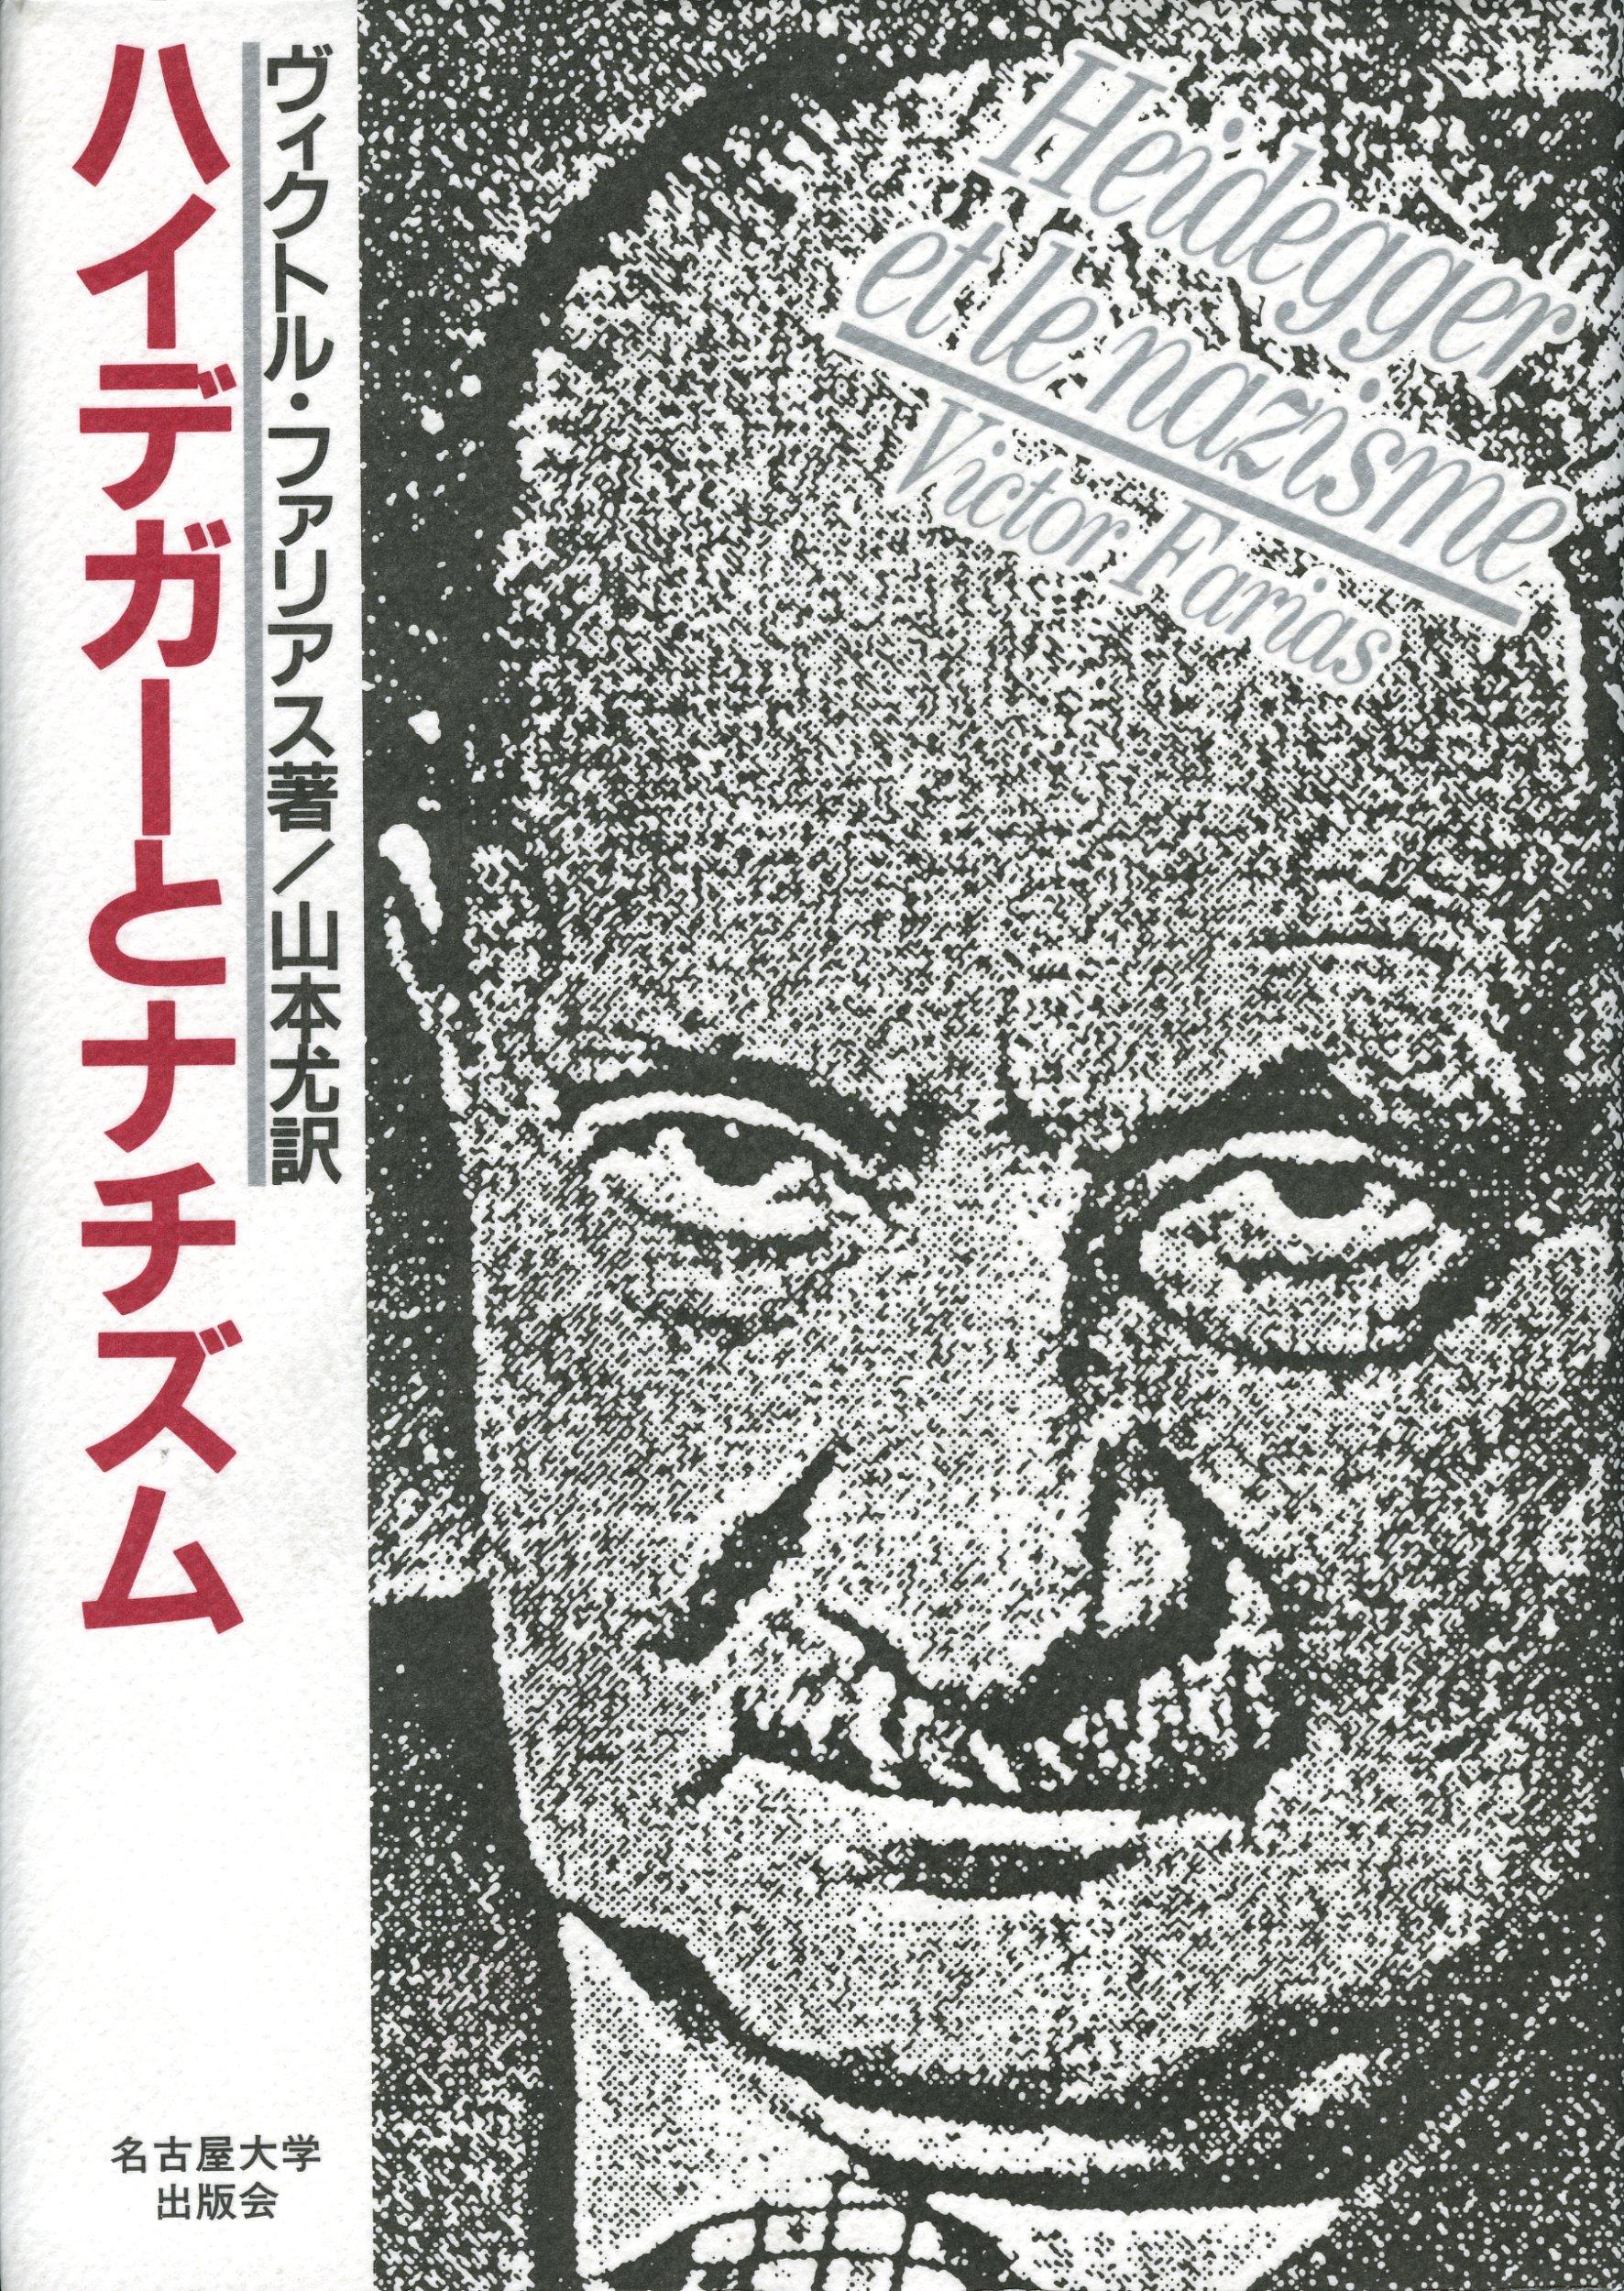 ハイデガーとナチズム | ヴィク...